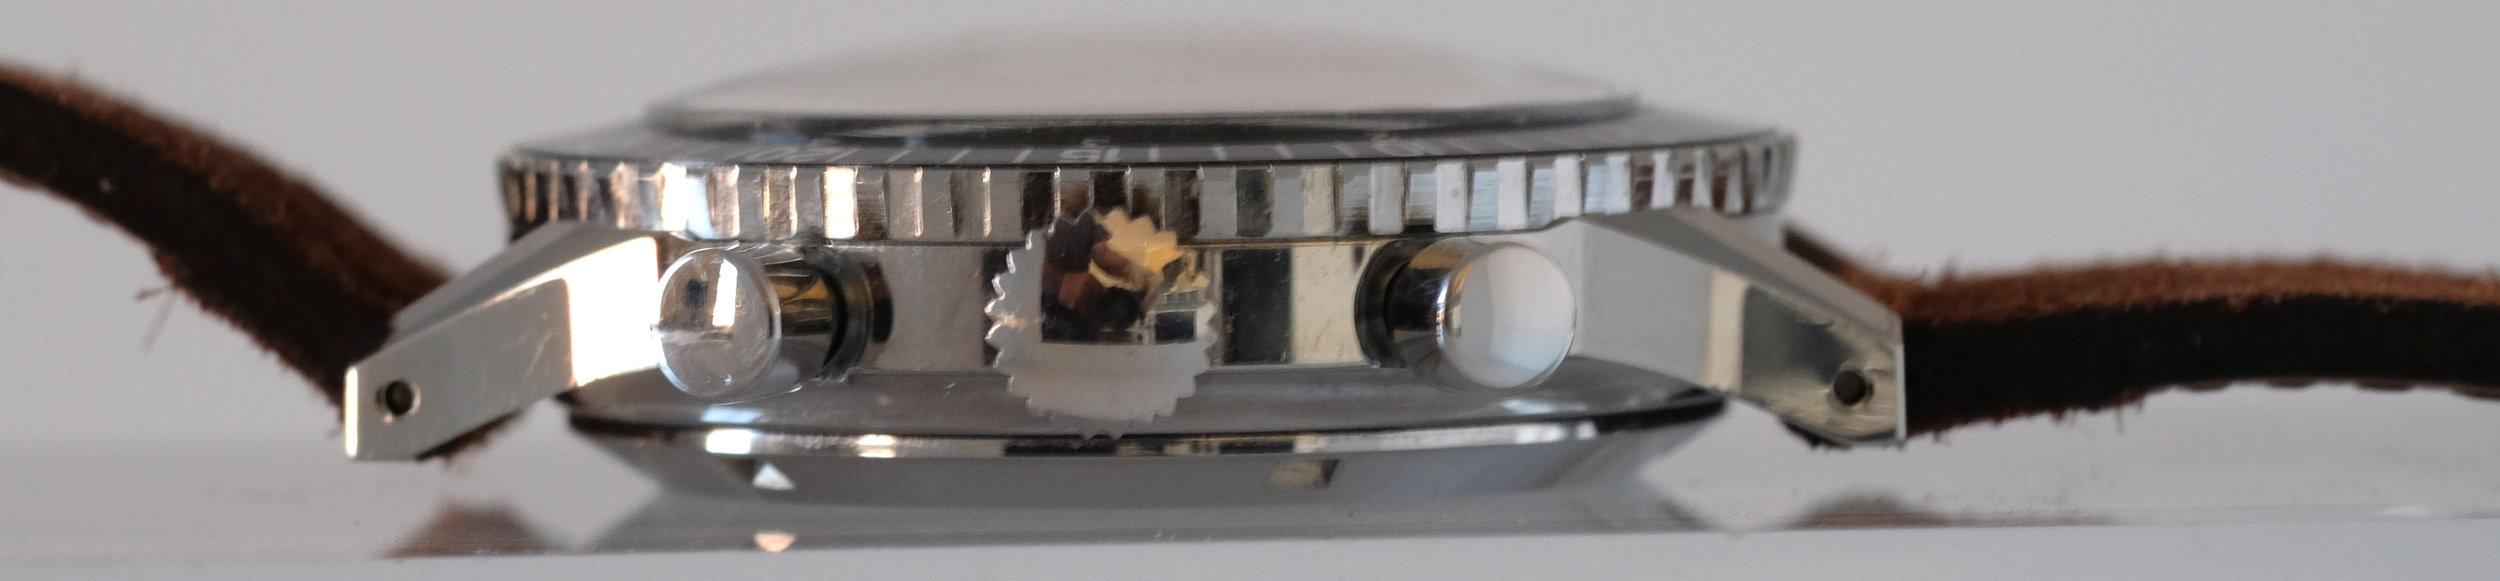 DSCF0437.JPG